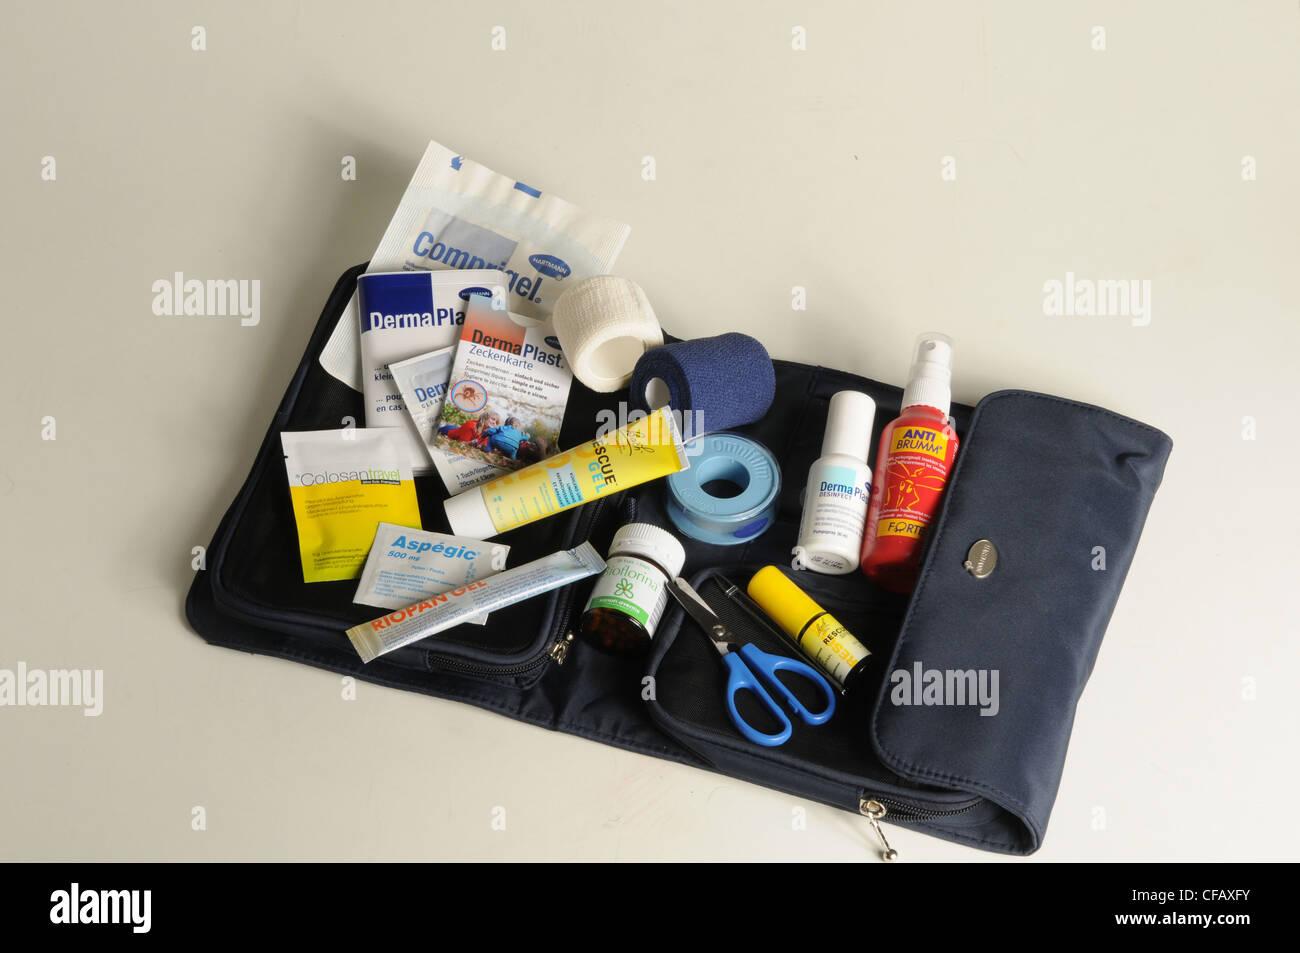 Médicaments, trousse de premiers soins, le mal des transports, blessure, sparadrap, Photo Stock